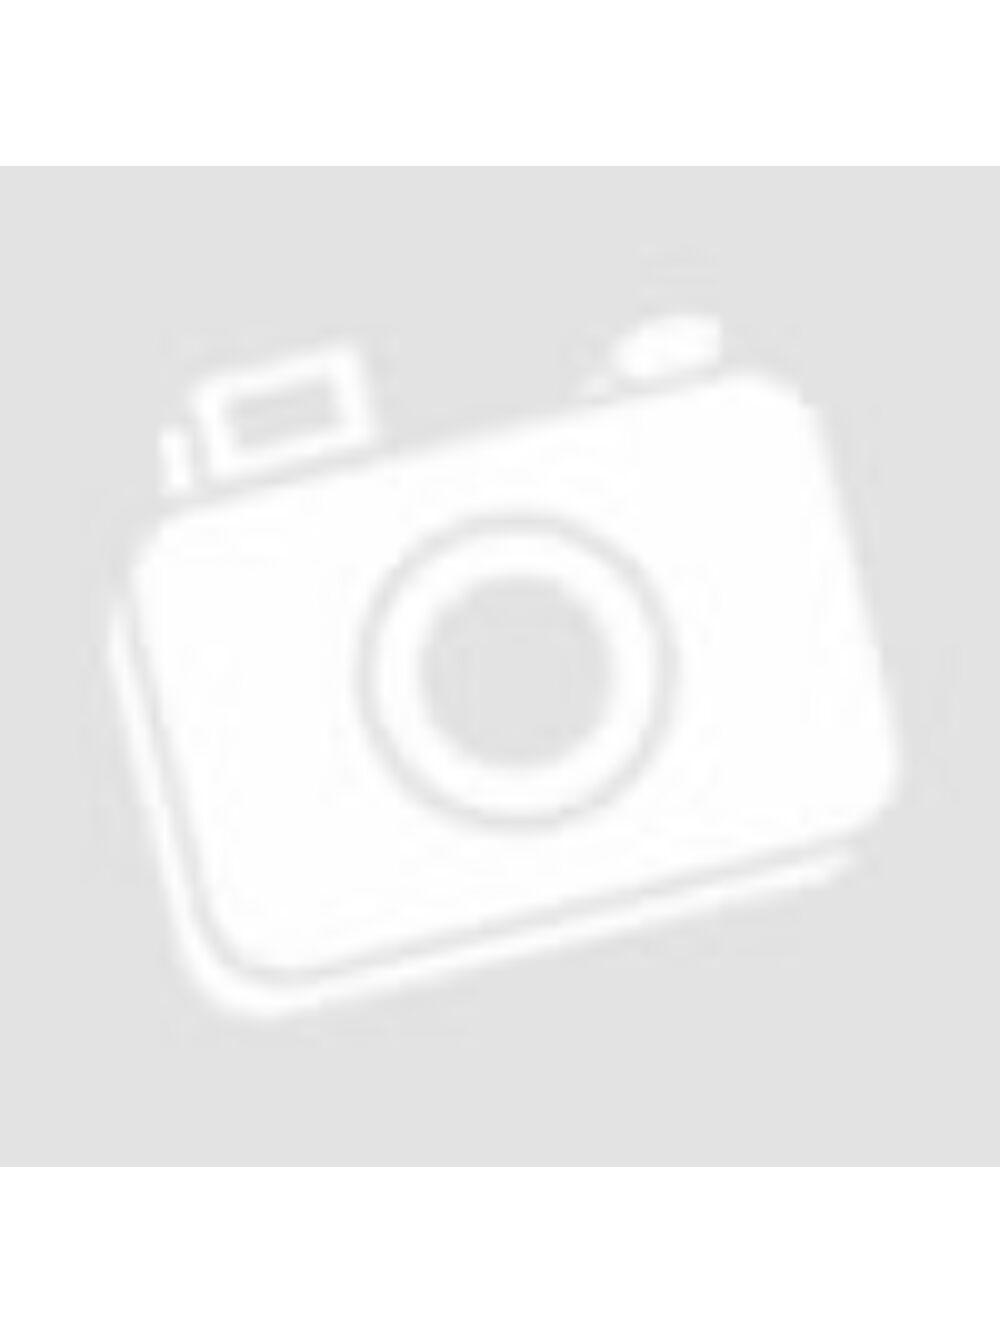 PU rózsa - Sötét Bordó A26